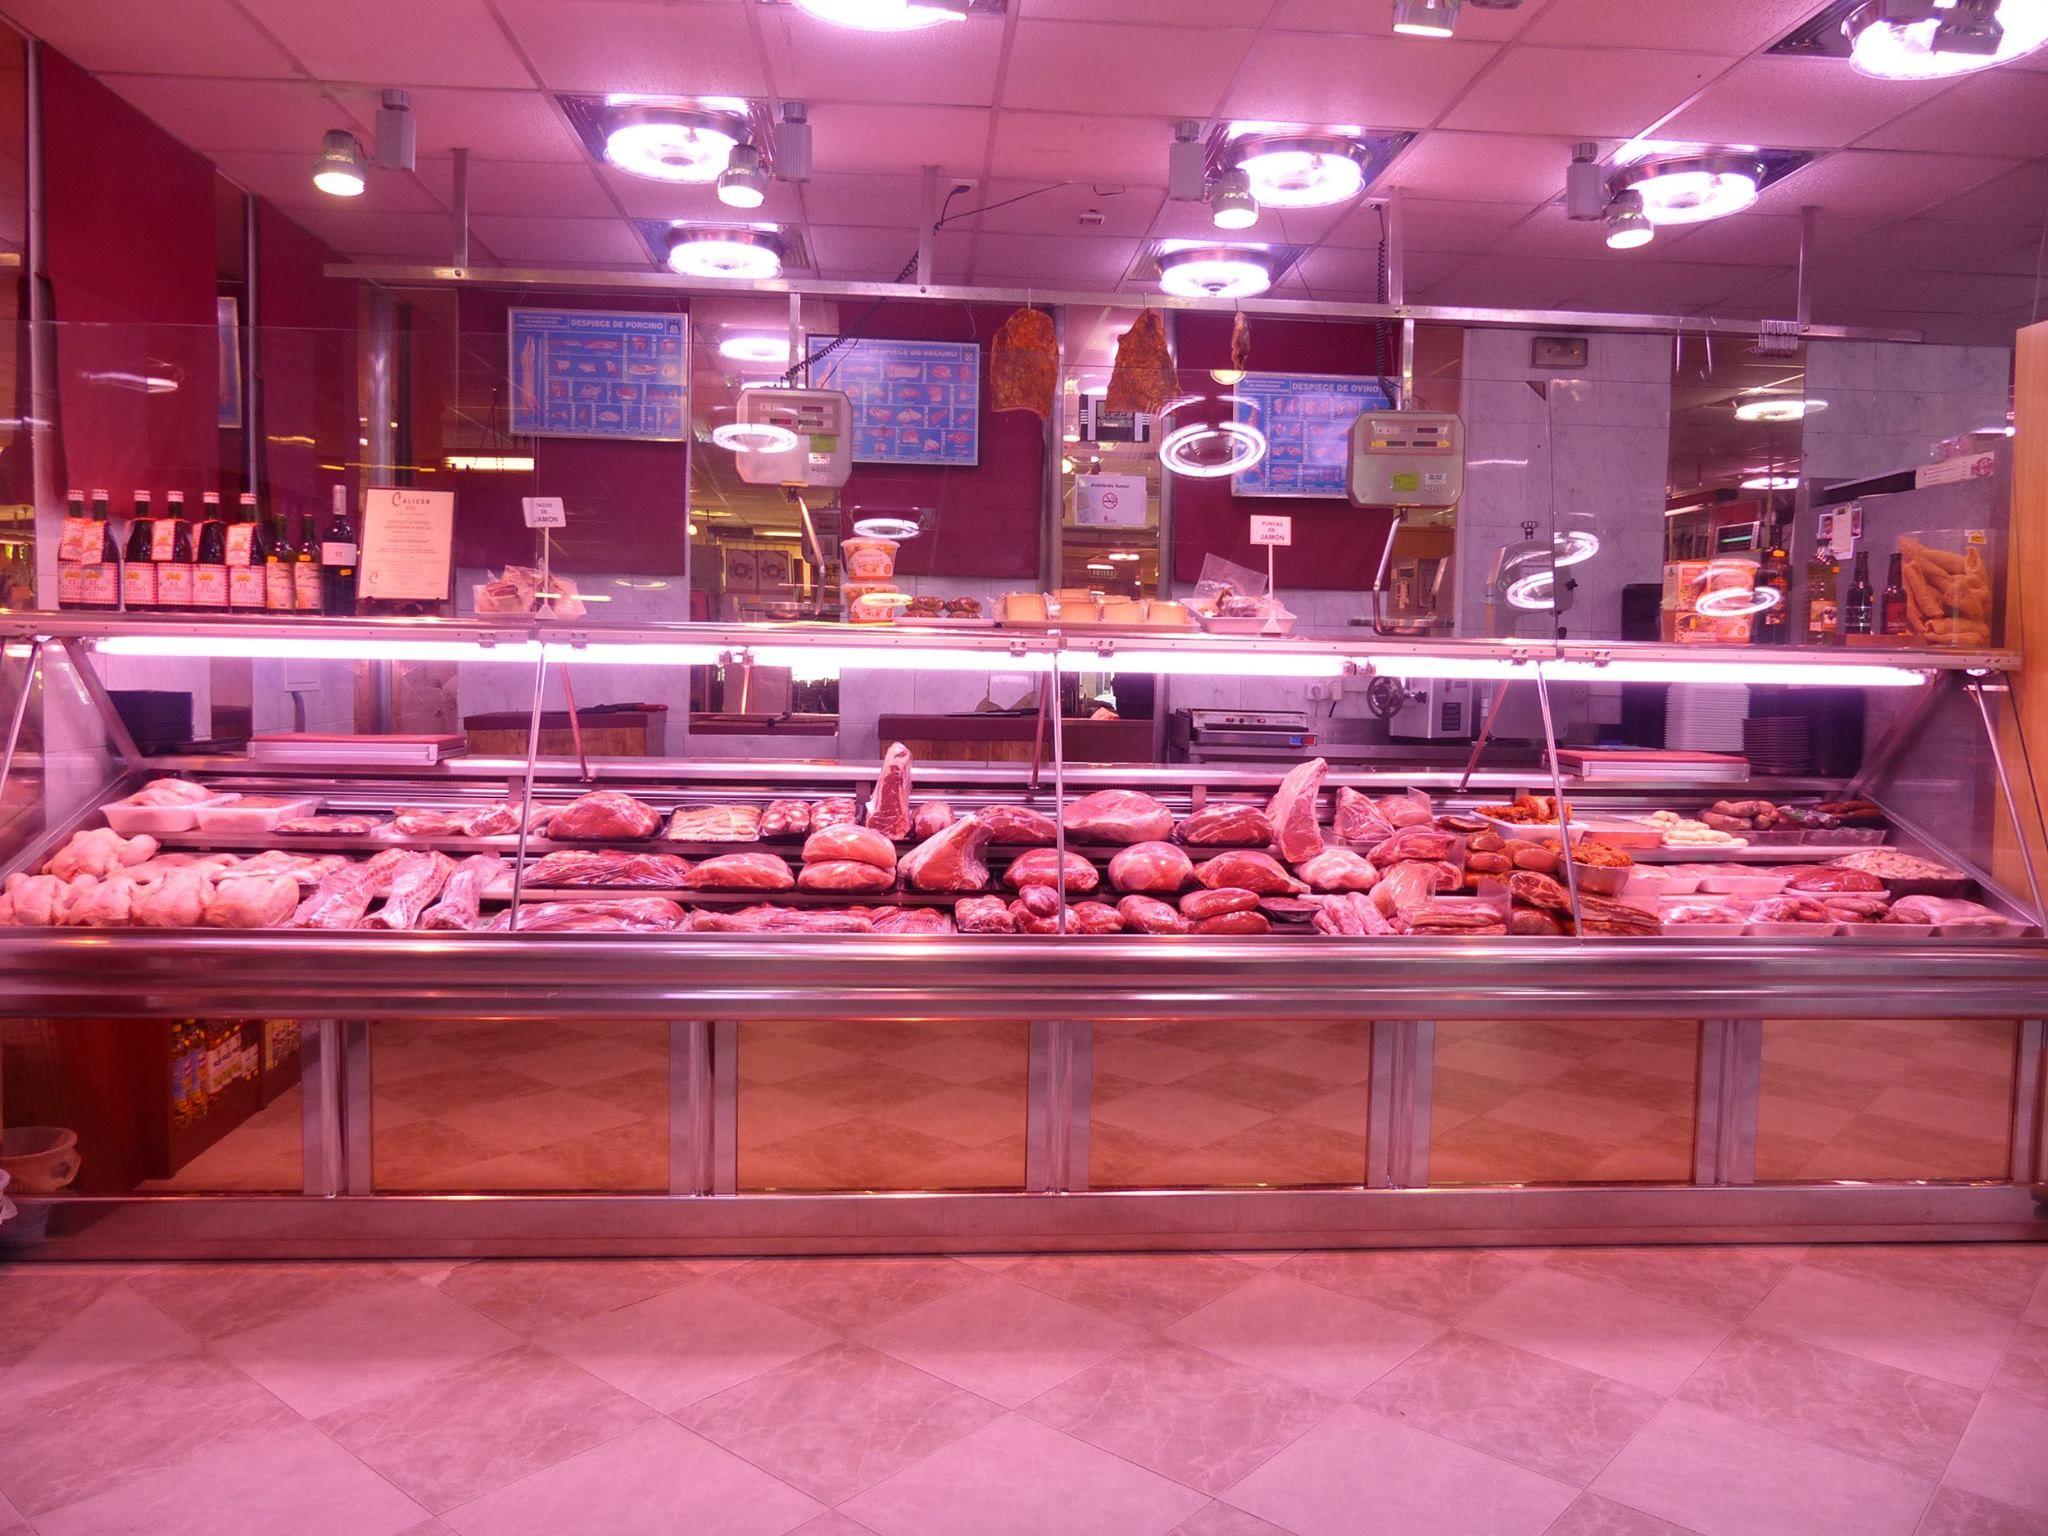 Carnicería Muñogalindo, carnicería, ganadería y frutería